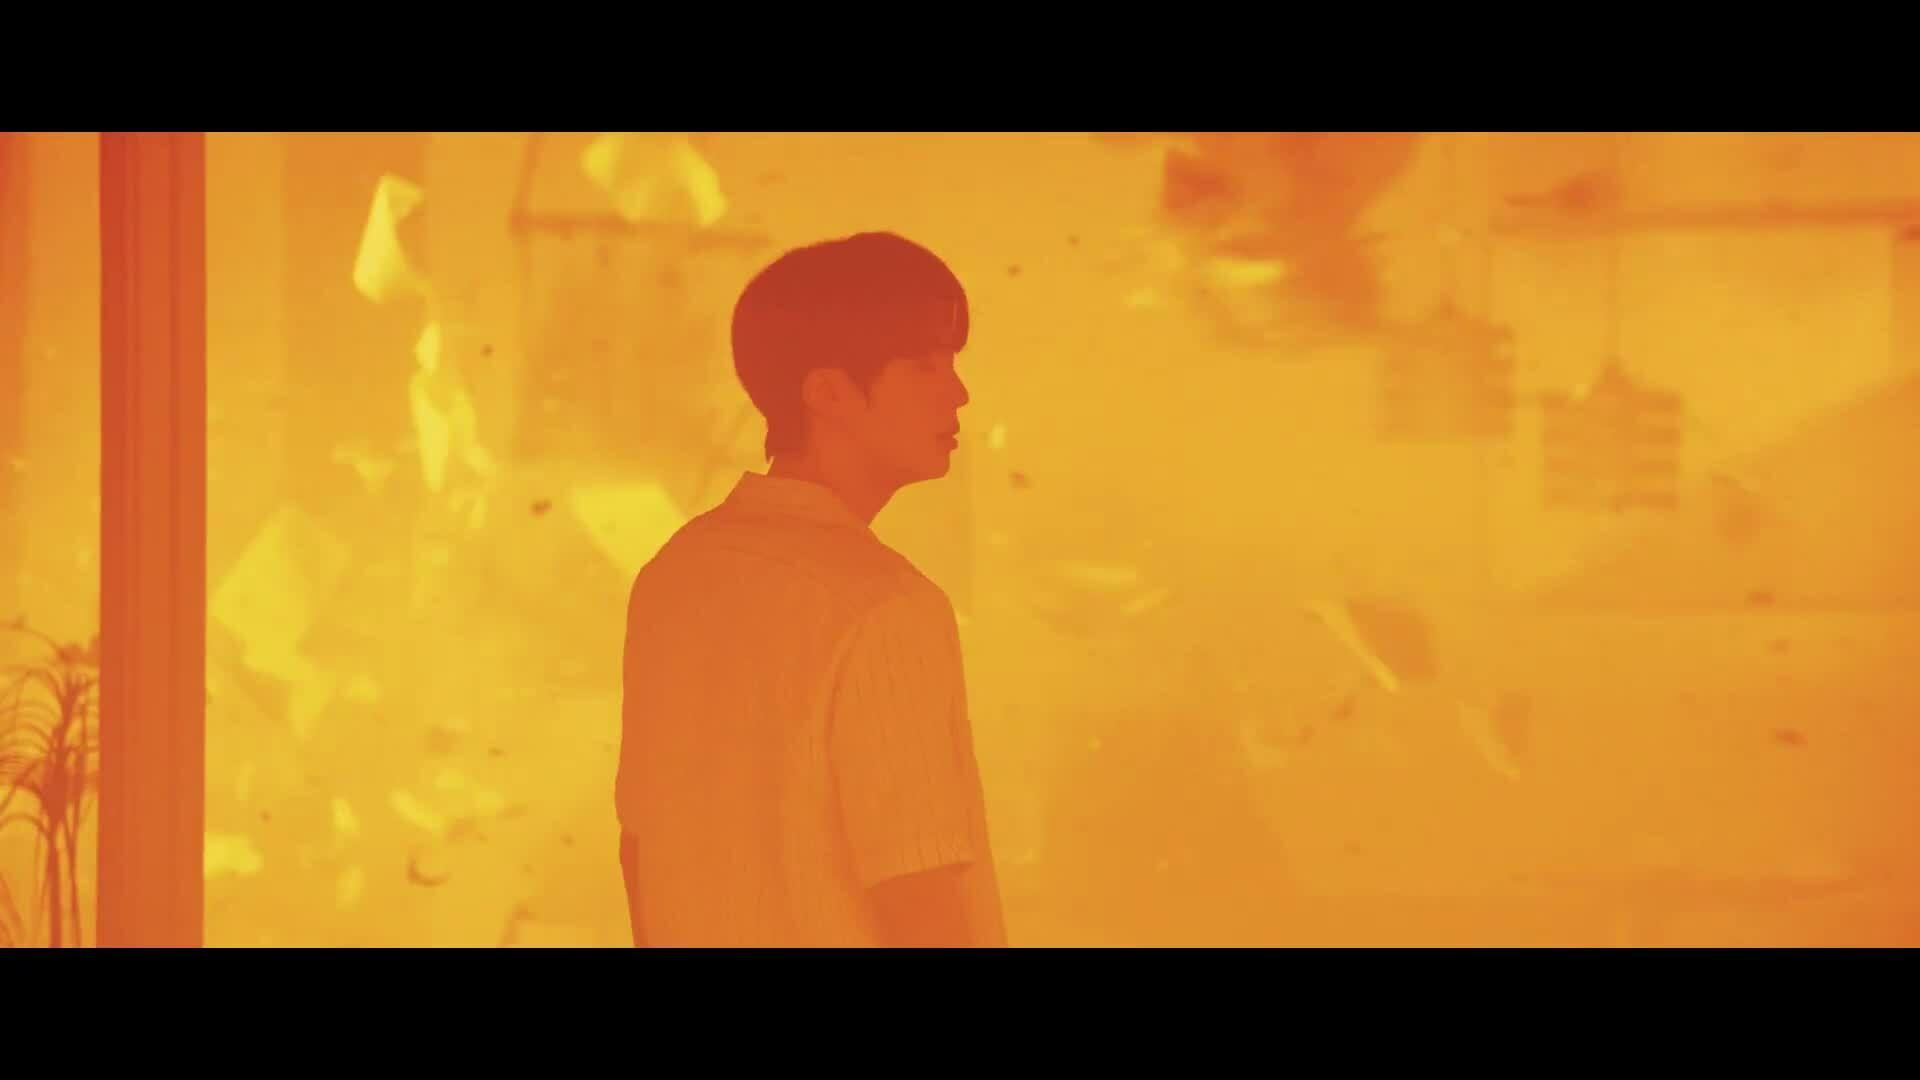 BTS tung MV mới siêu 'sầu thảm', cất giọng là khiến fan 'tan nát trái tim'